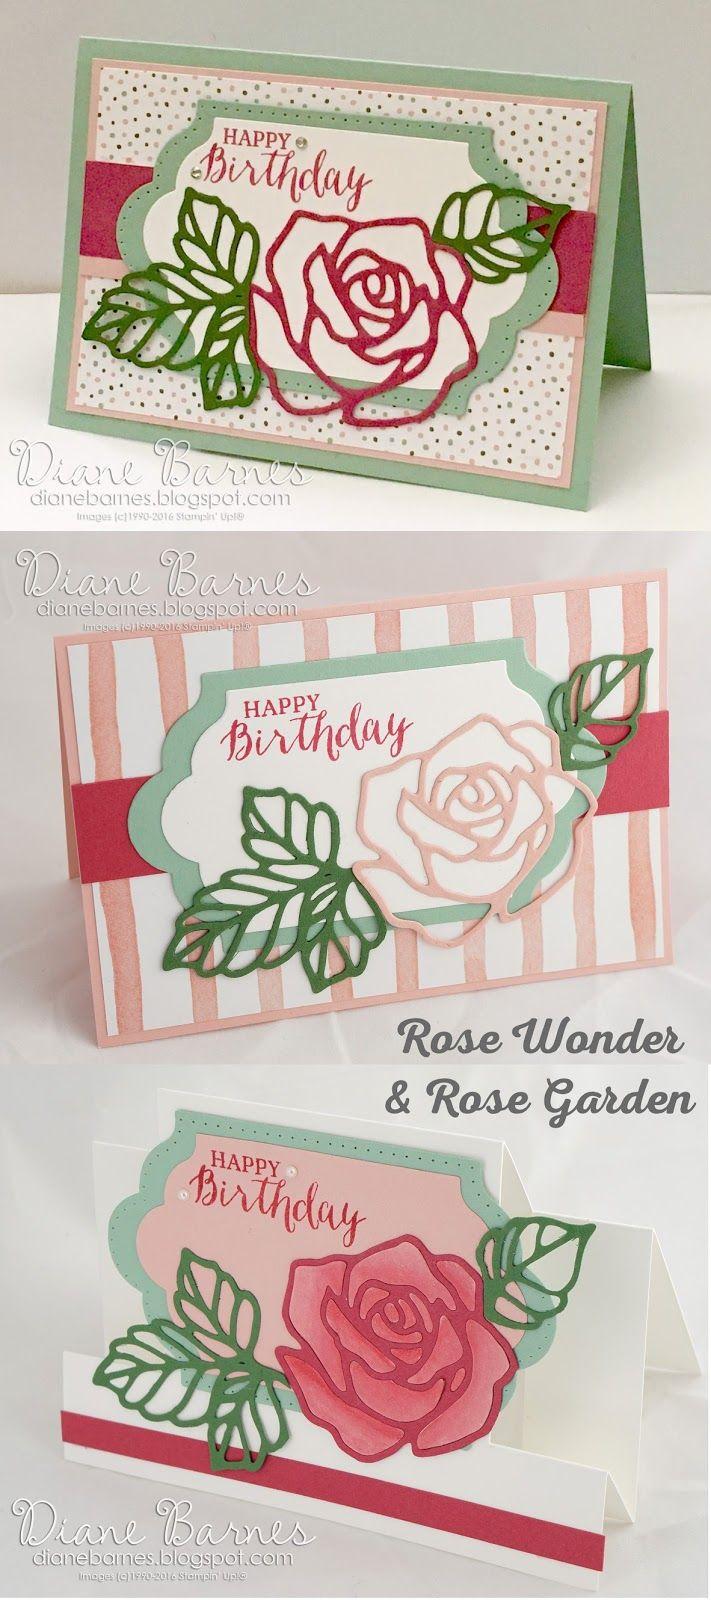 323 Best Cards Rose Wonder Images On Pinterest Flower Cards